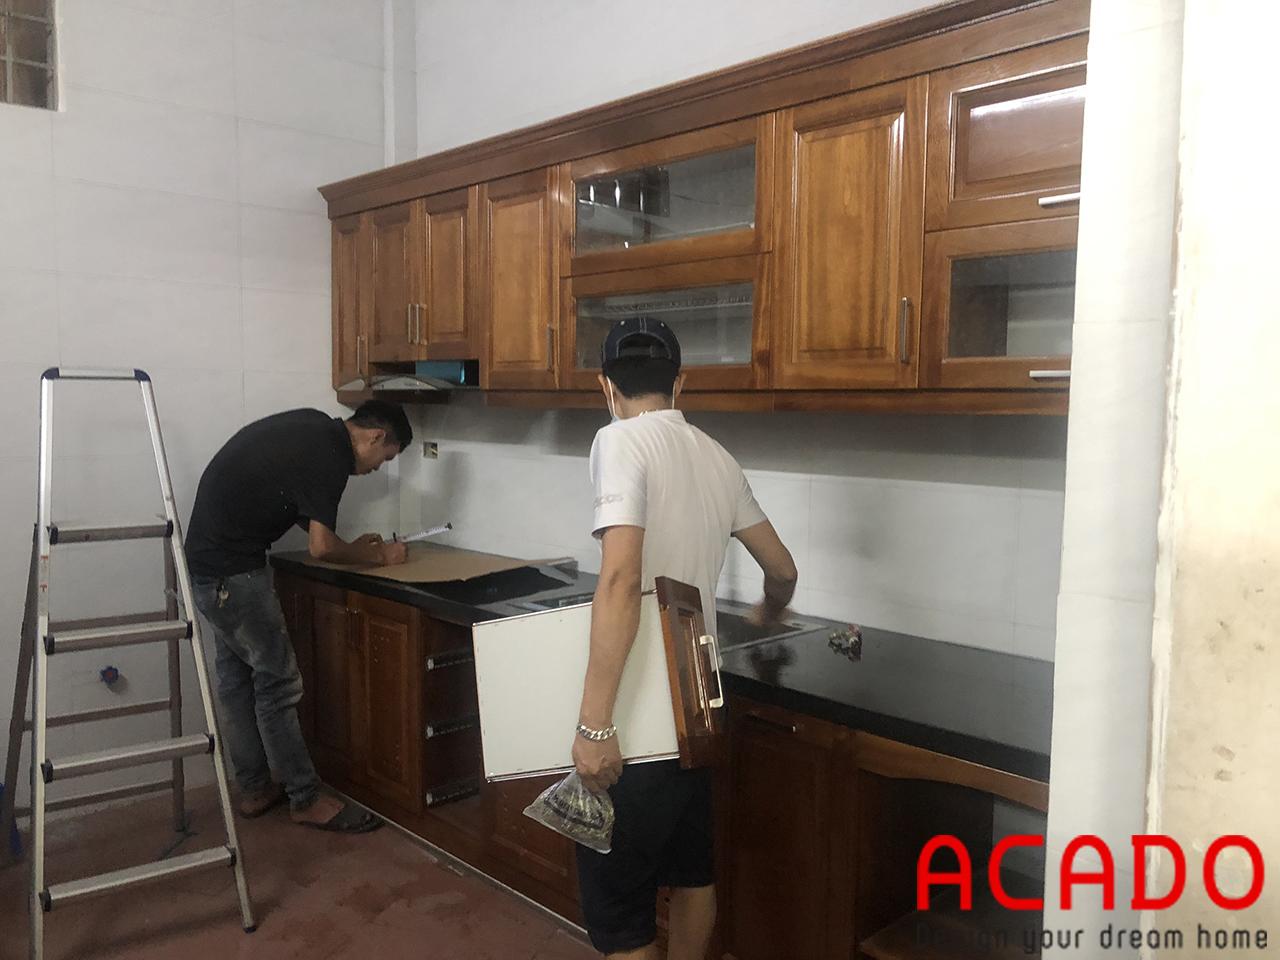 Tủ bếp xoan đào giúp cho không gian căn bếp trở nên sang trọng,ấm cúng